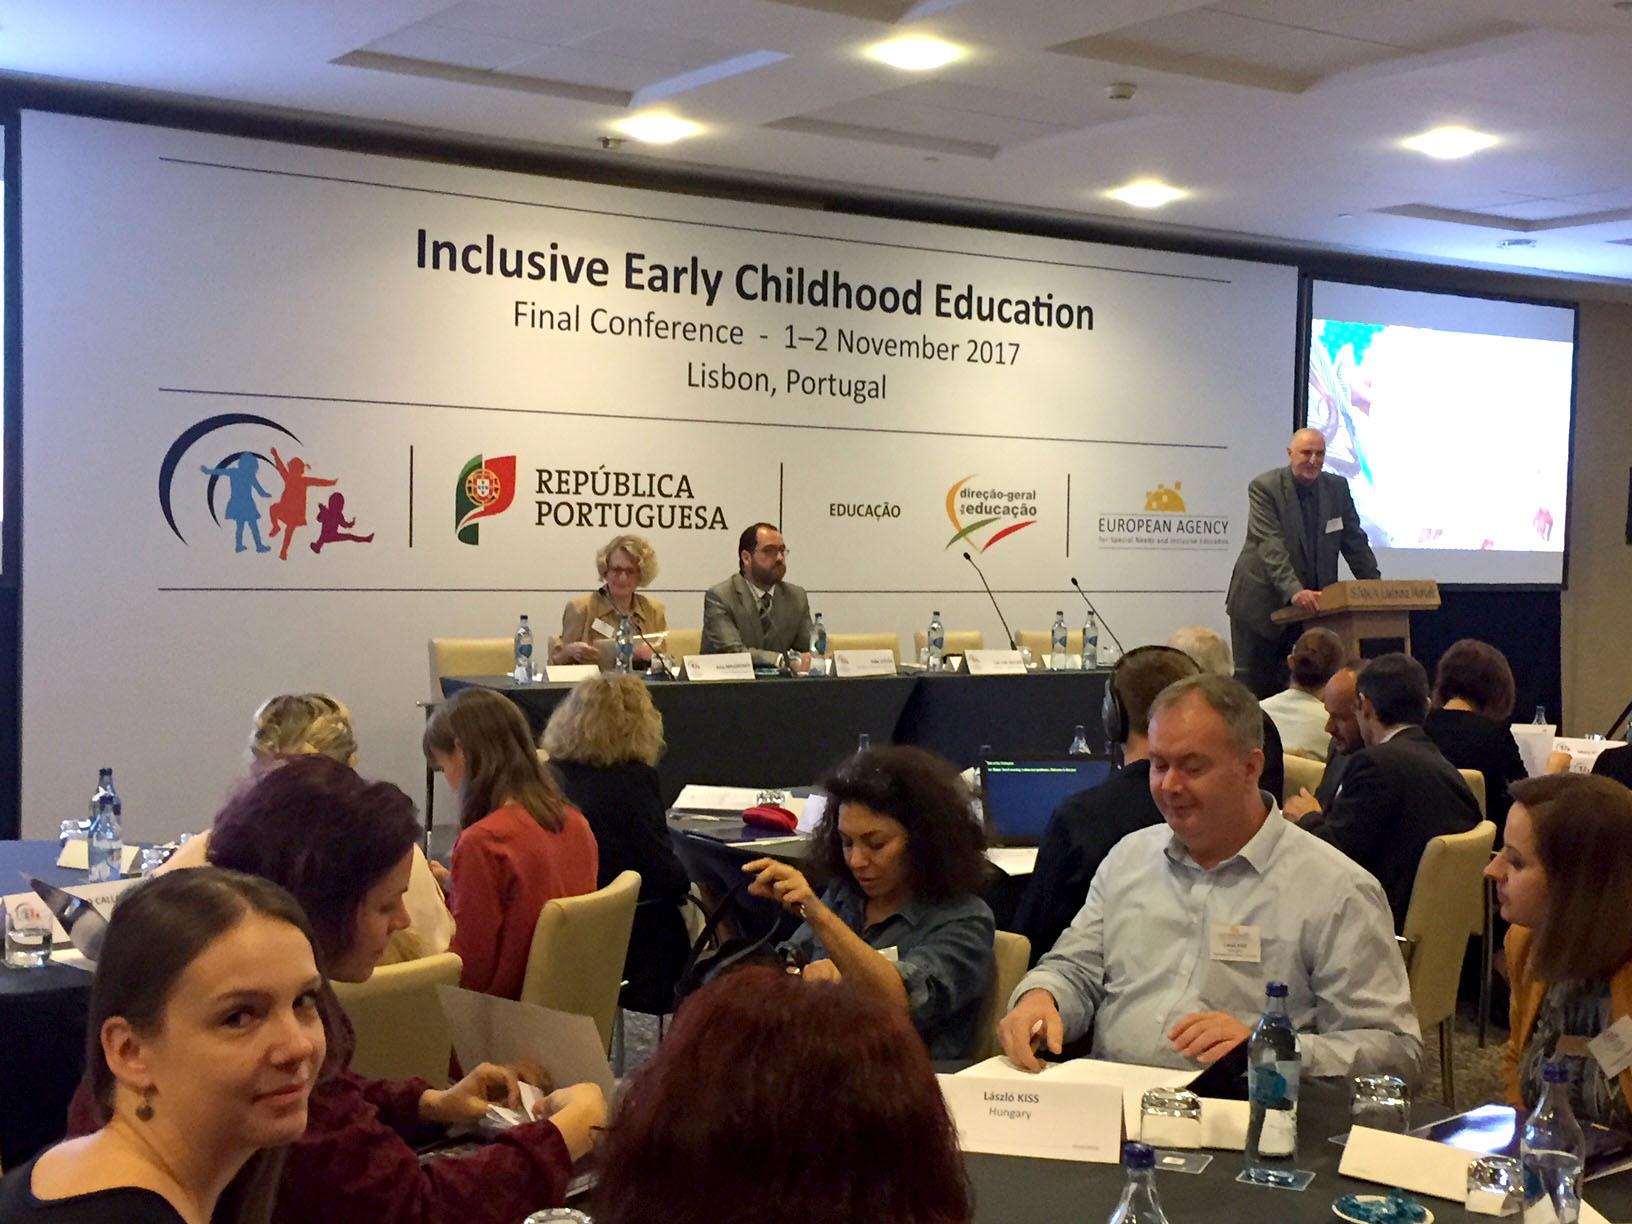 Image de la conférence sur le projet IECE